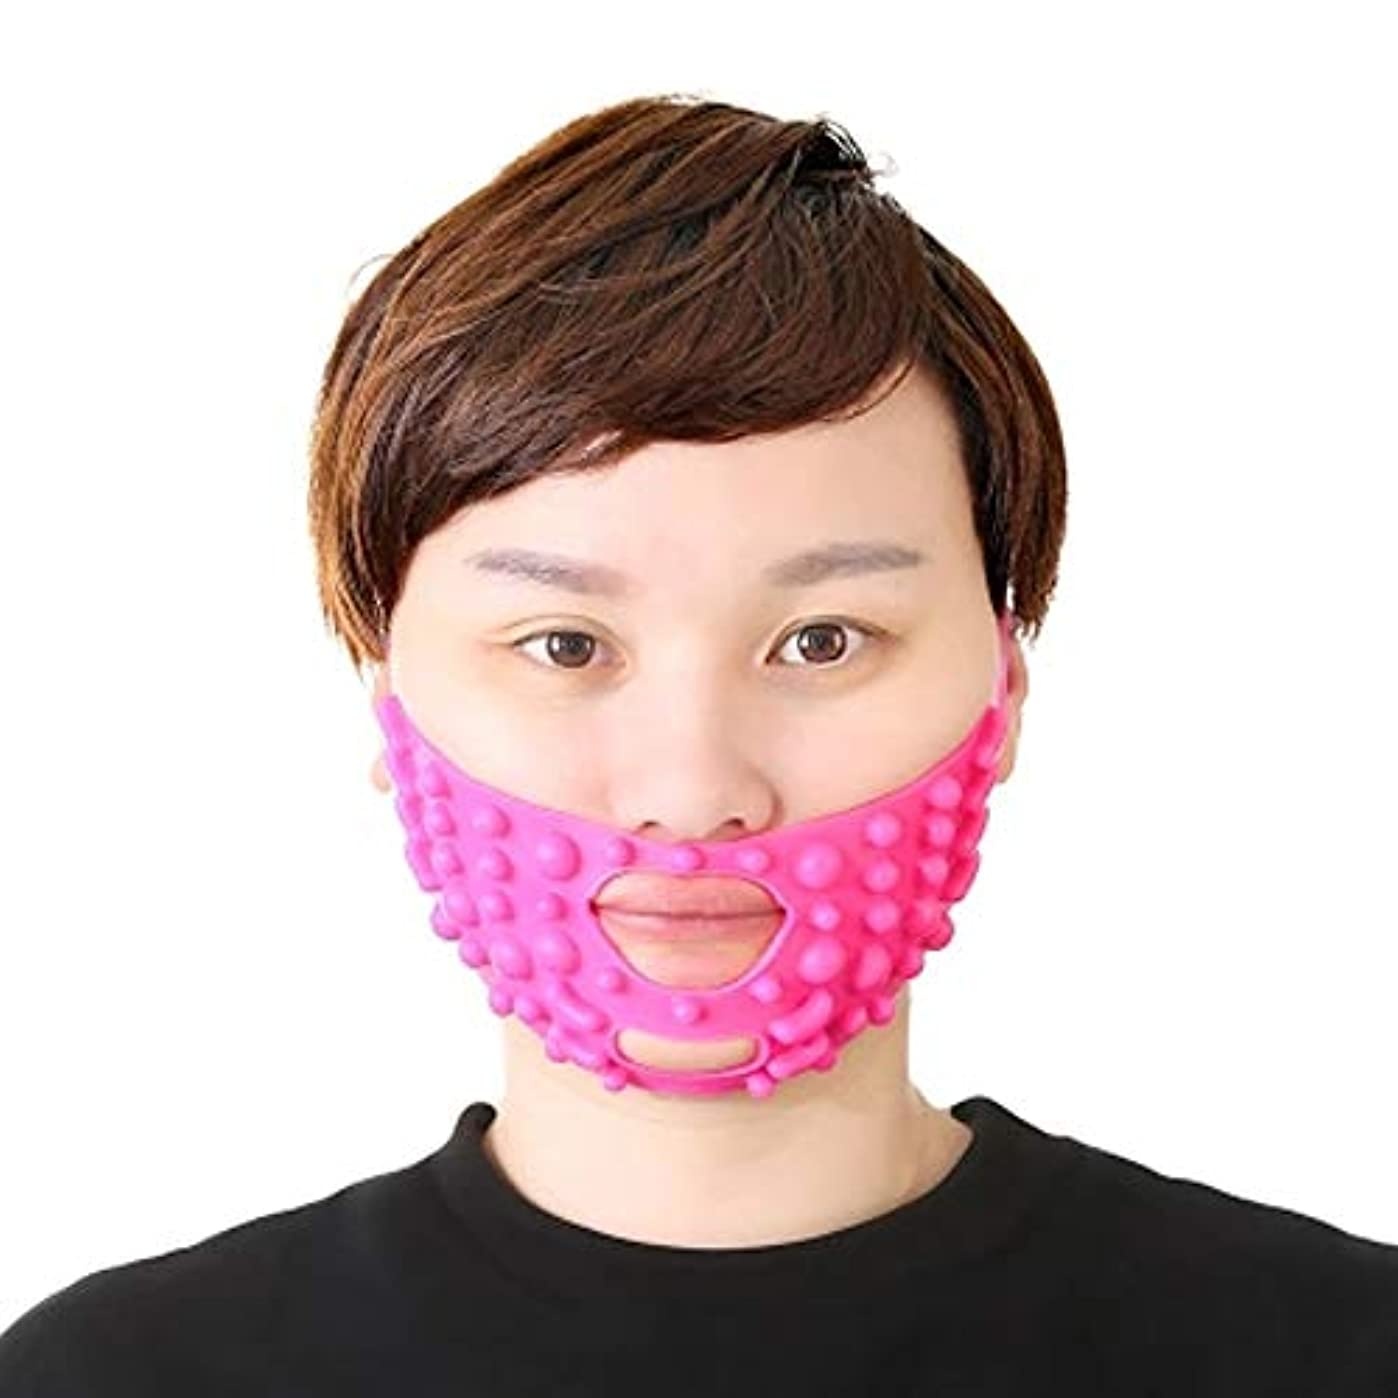 みがきます直感切るダブルの顎のストラップ、顔のマッサージの包帯を持ち上げて持ち上げて小さなVフェイスのマスク薄い顔の人工物